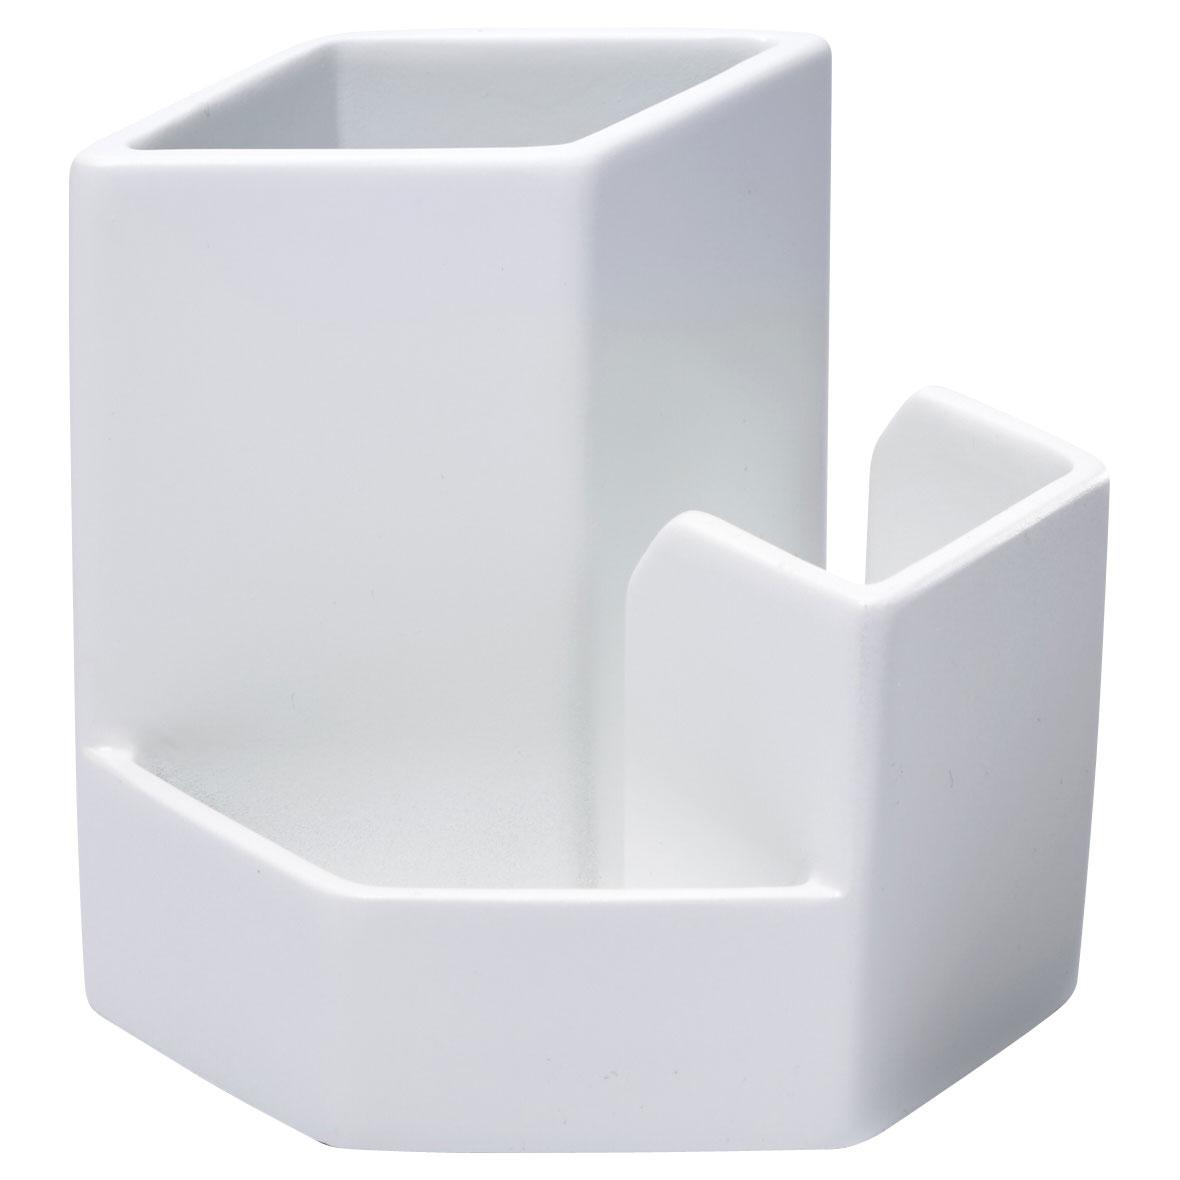 ideaco/イデアコ 小物入れ マルチスタンド マット ホワイトの写真